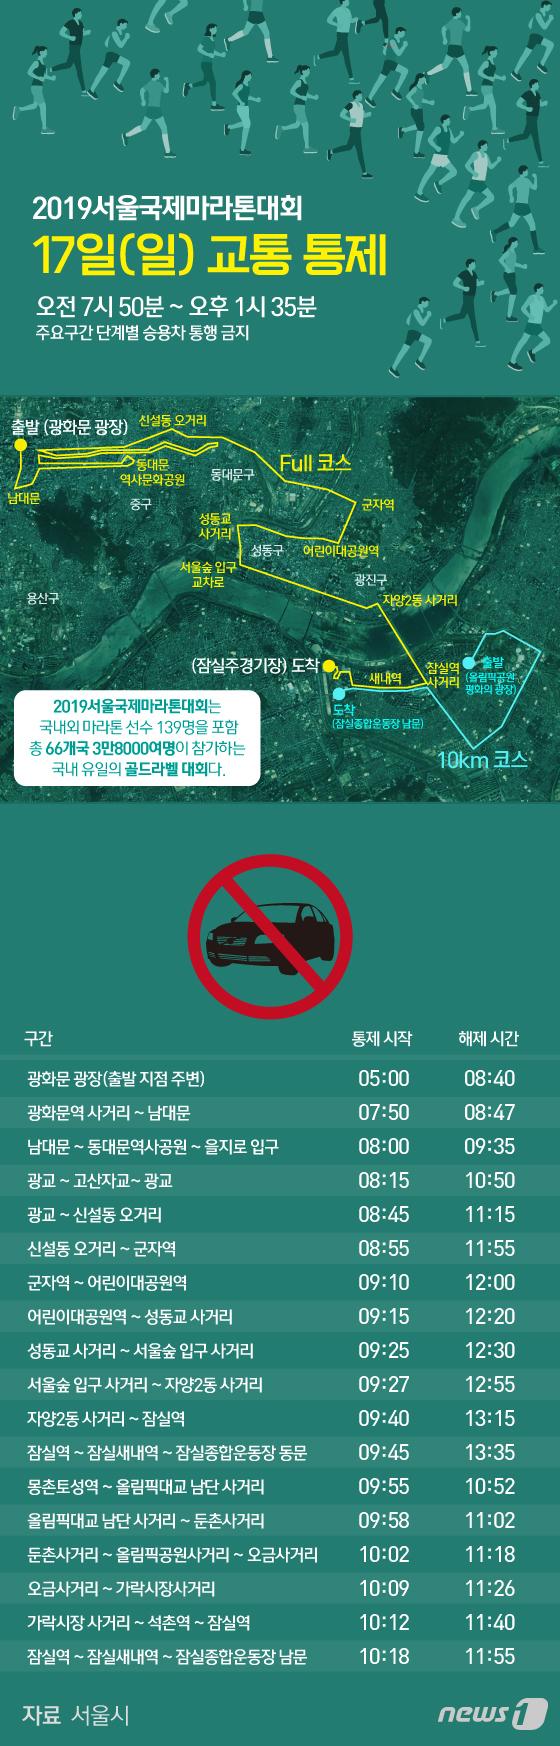 [그래픽뉴스] 3월 17일(일) 서울국제마라톤대회 교통 통제